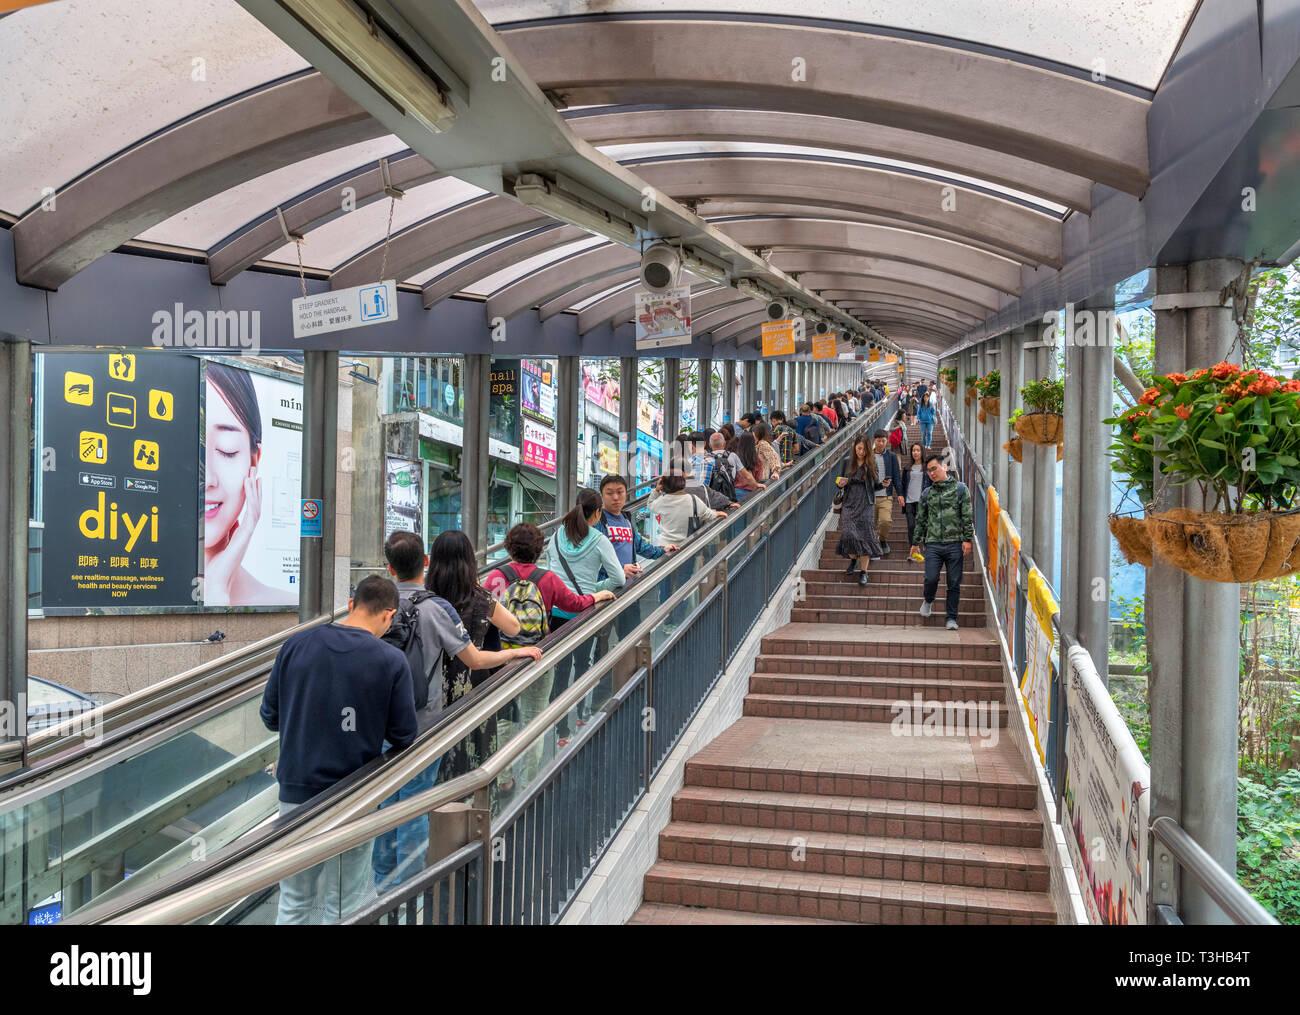 Central–Mid-Levels Escalator, Central district, Hong Kong Island, Hong Kong, China - Stock Image